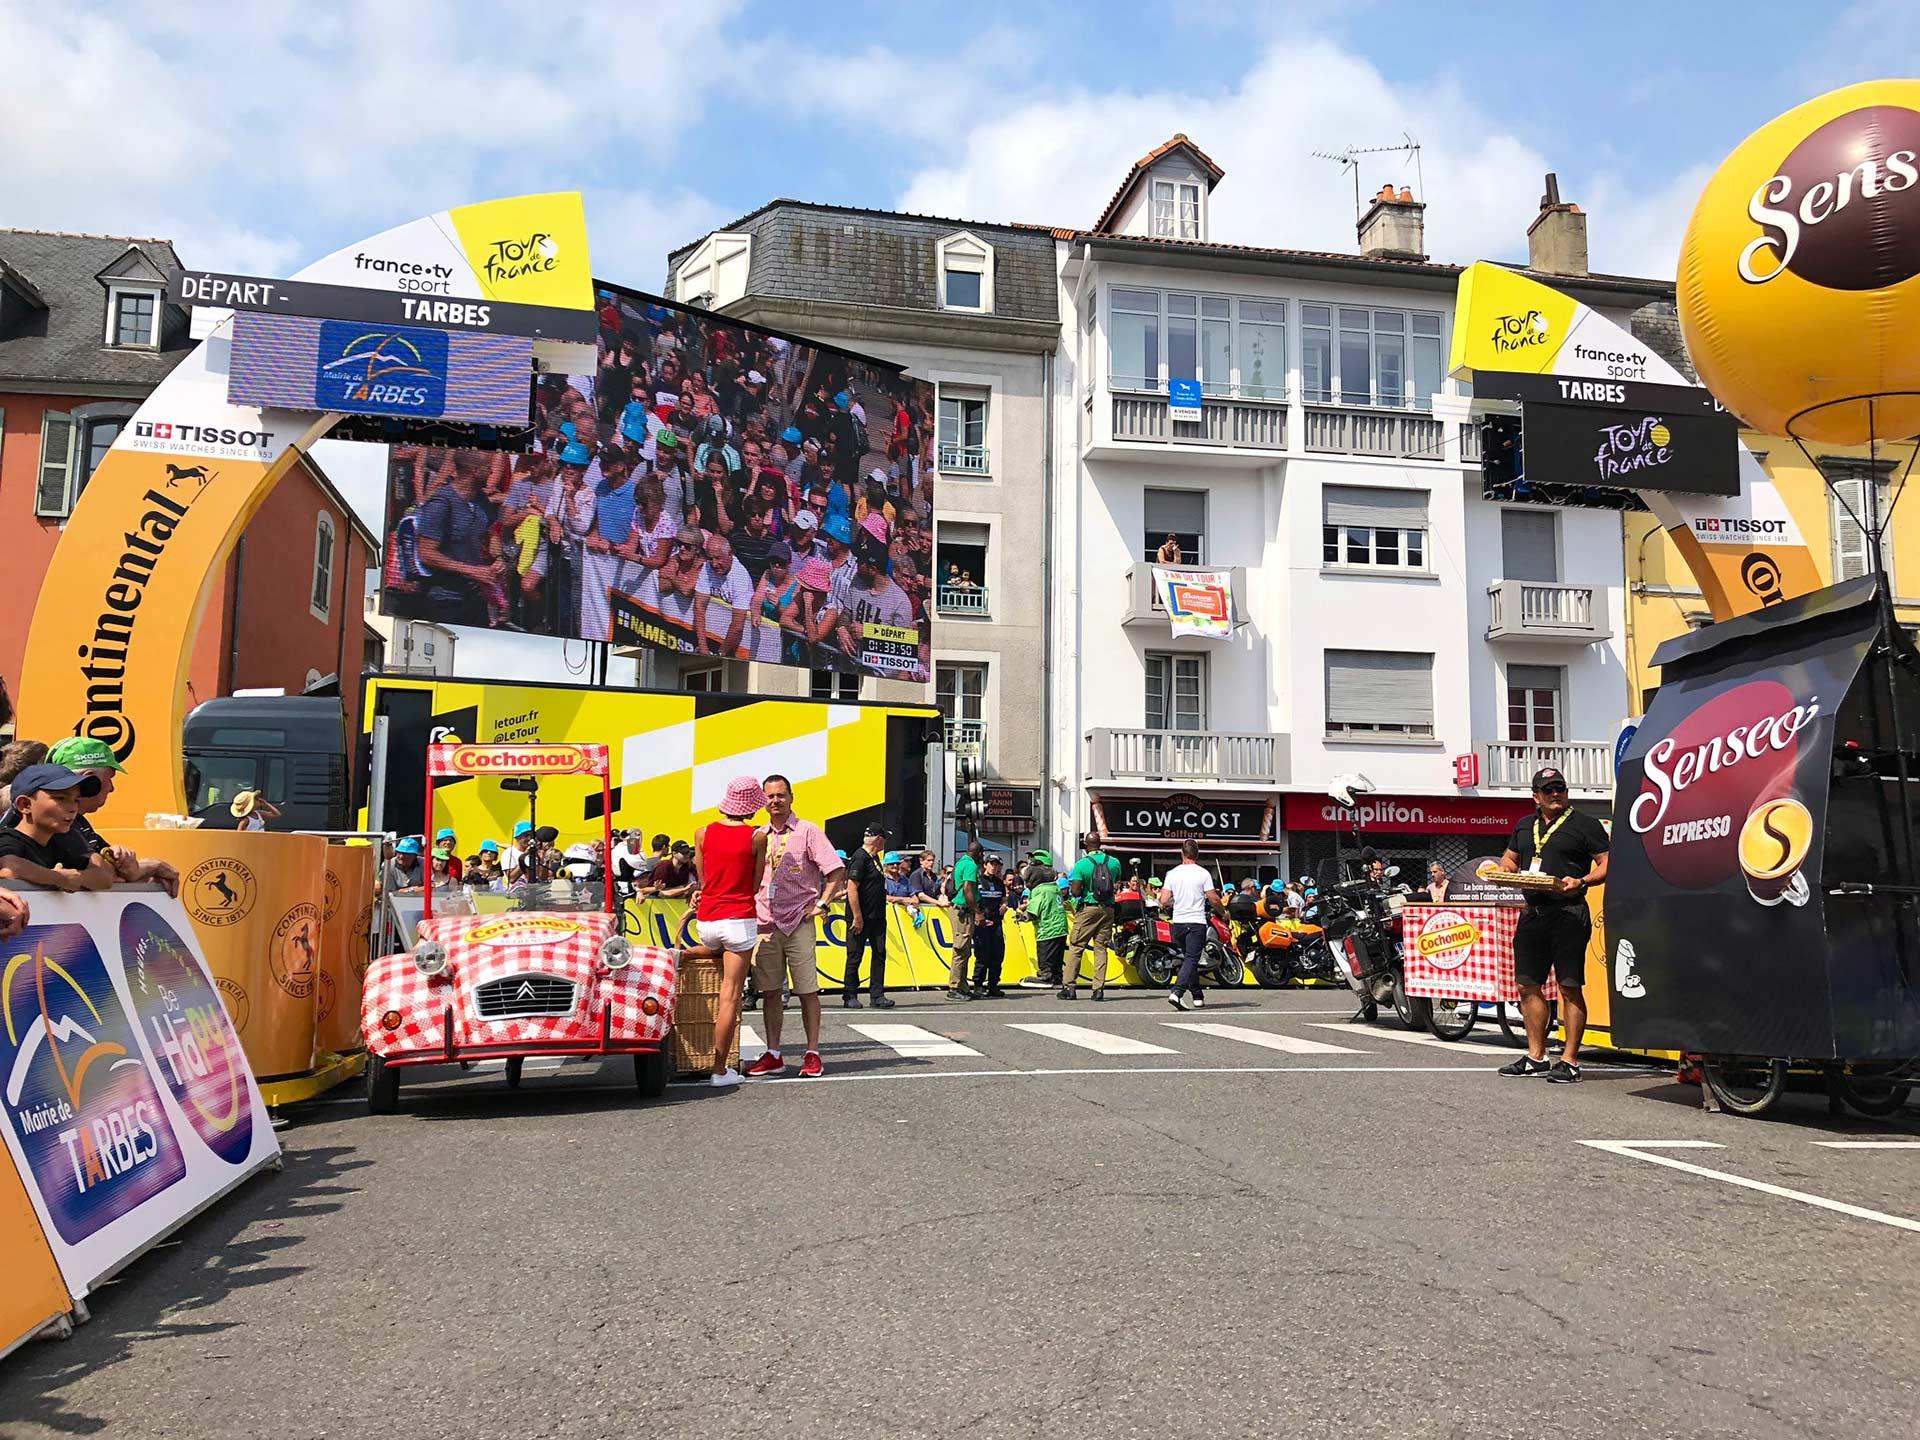 Tour de France Giant Screen hire